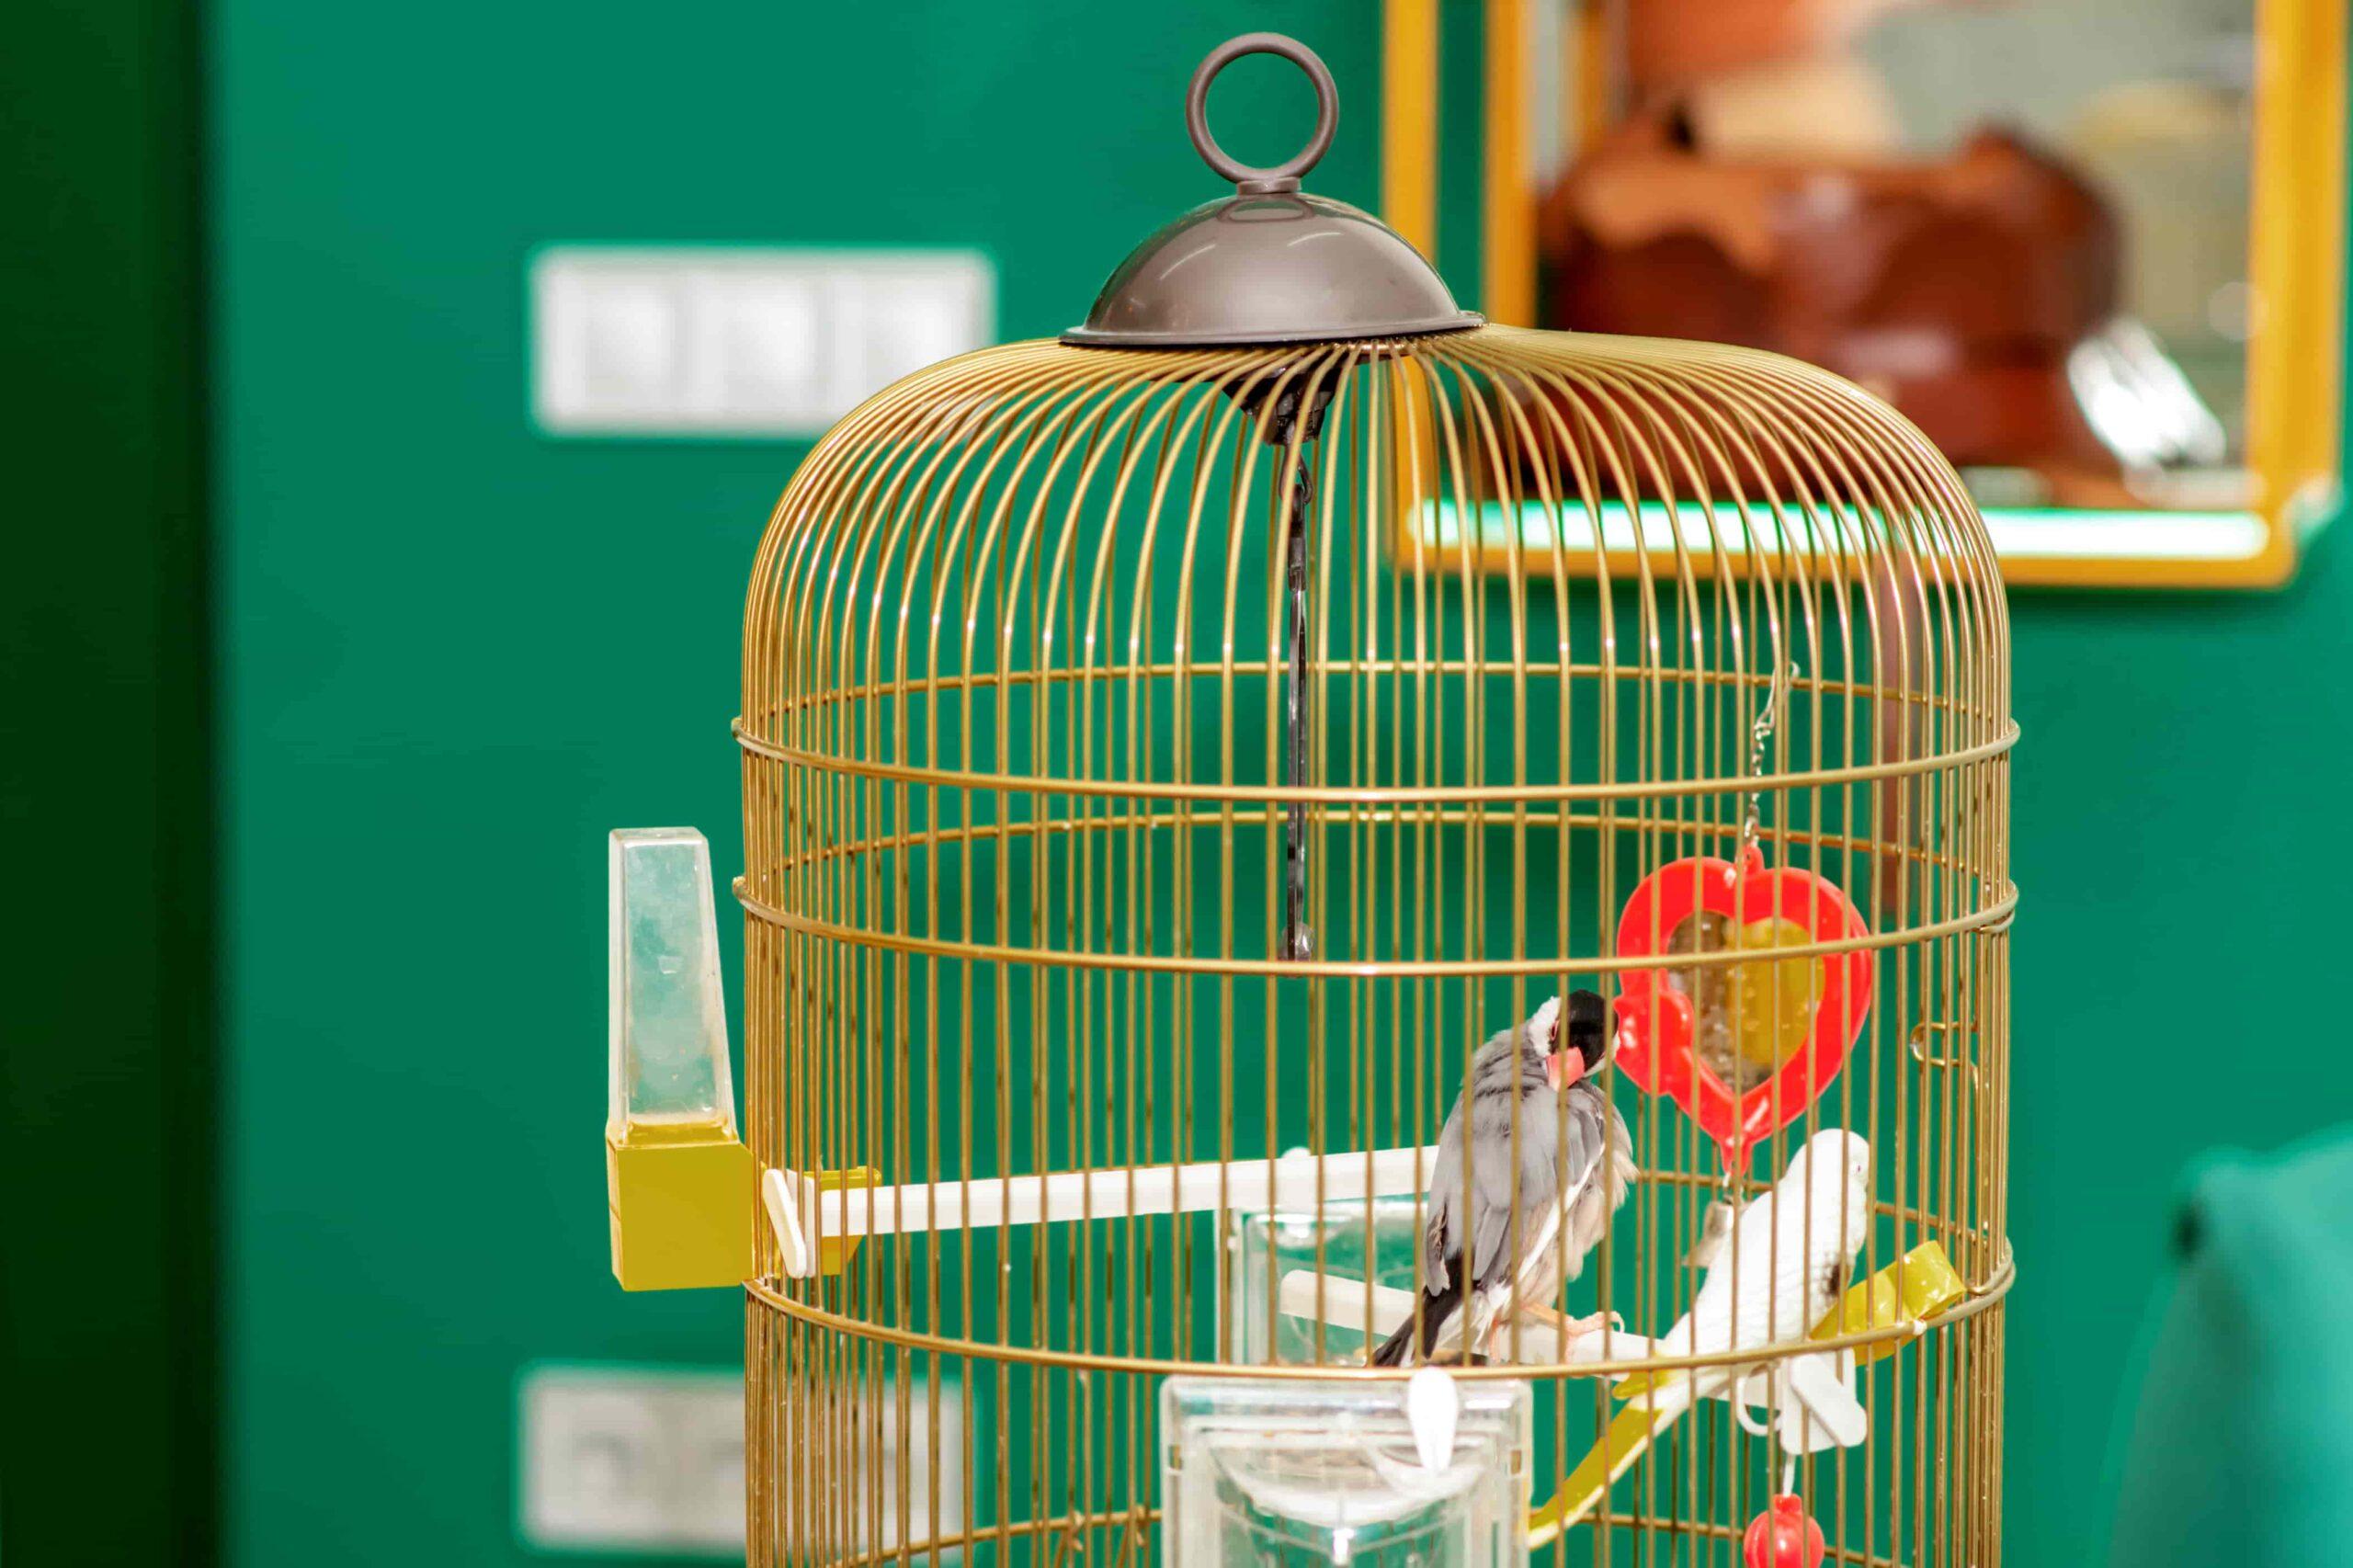 Muhabbet Kuşlarına Zararlı Olan Kafes Oyuncakları Hangileri?